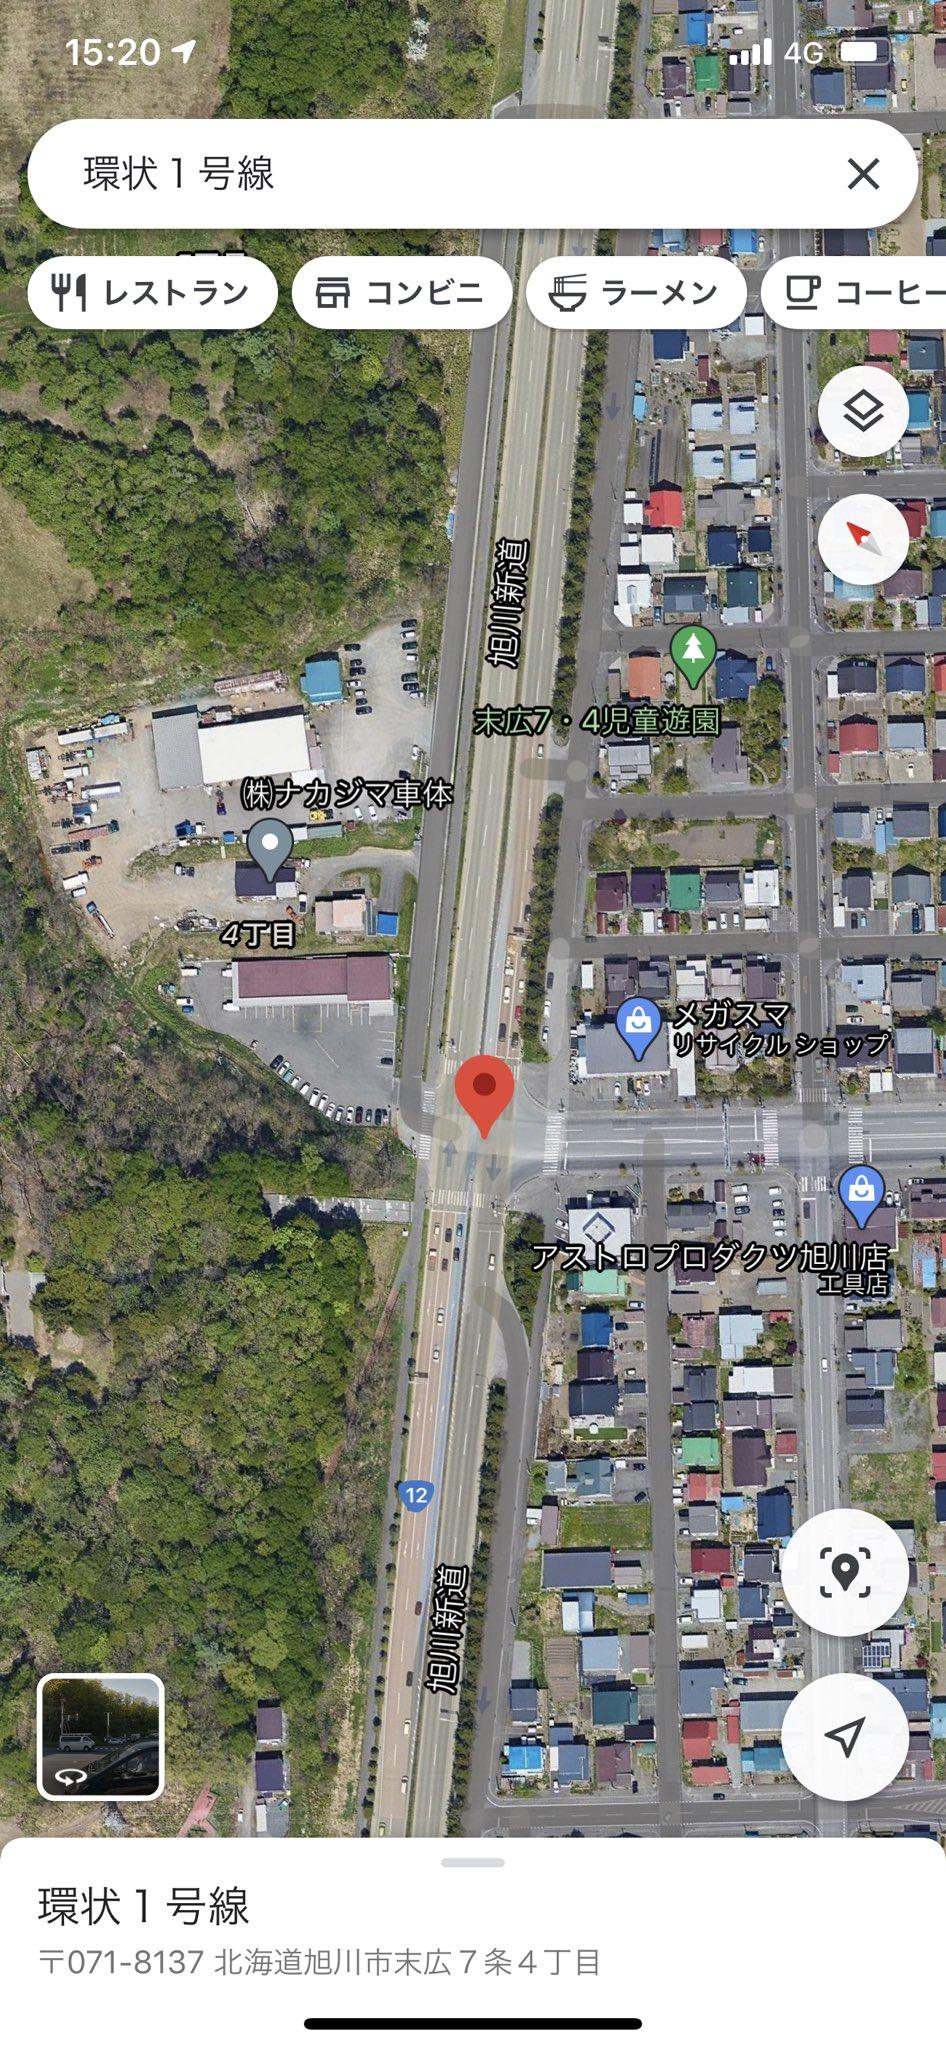 画像,ここの交差点で3台絡む事故が発生してた!車の部品とかかなり飛び散っていたからみなさん、ご注意を! https://t.co/Hbxfx8ErOO…